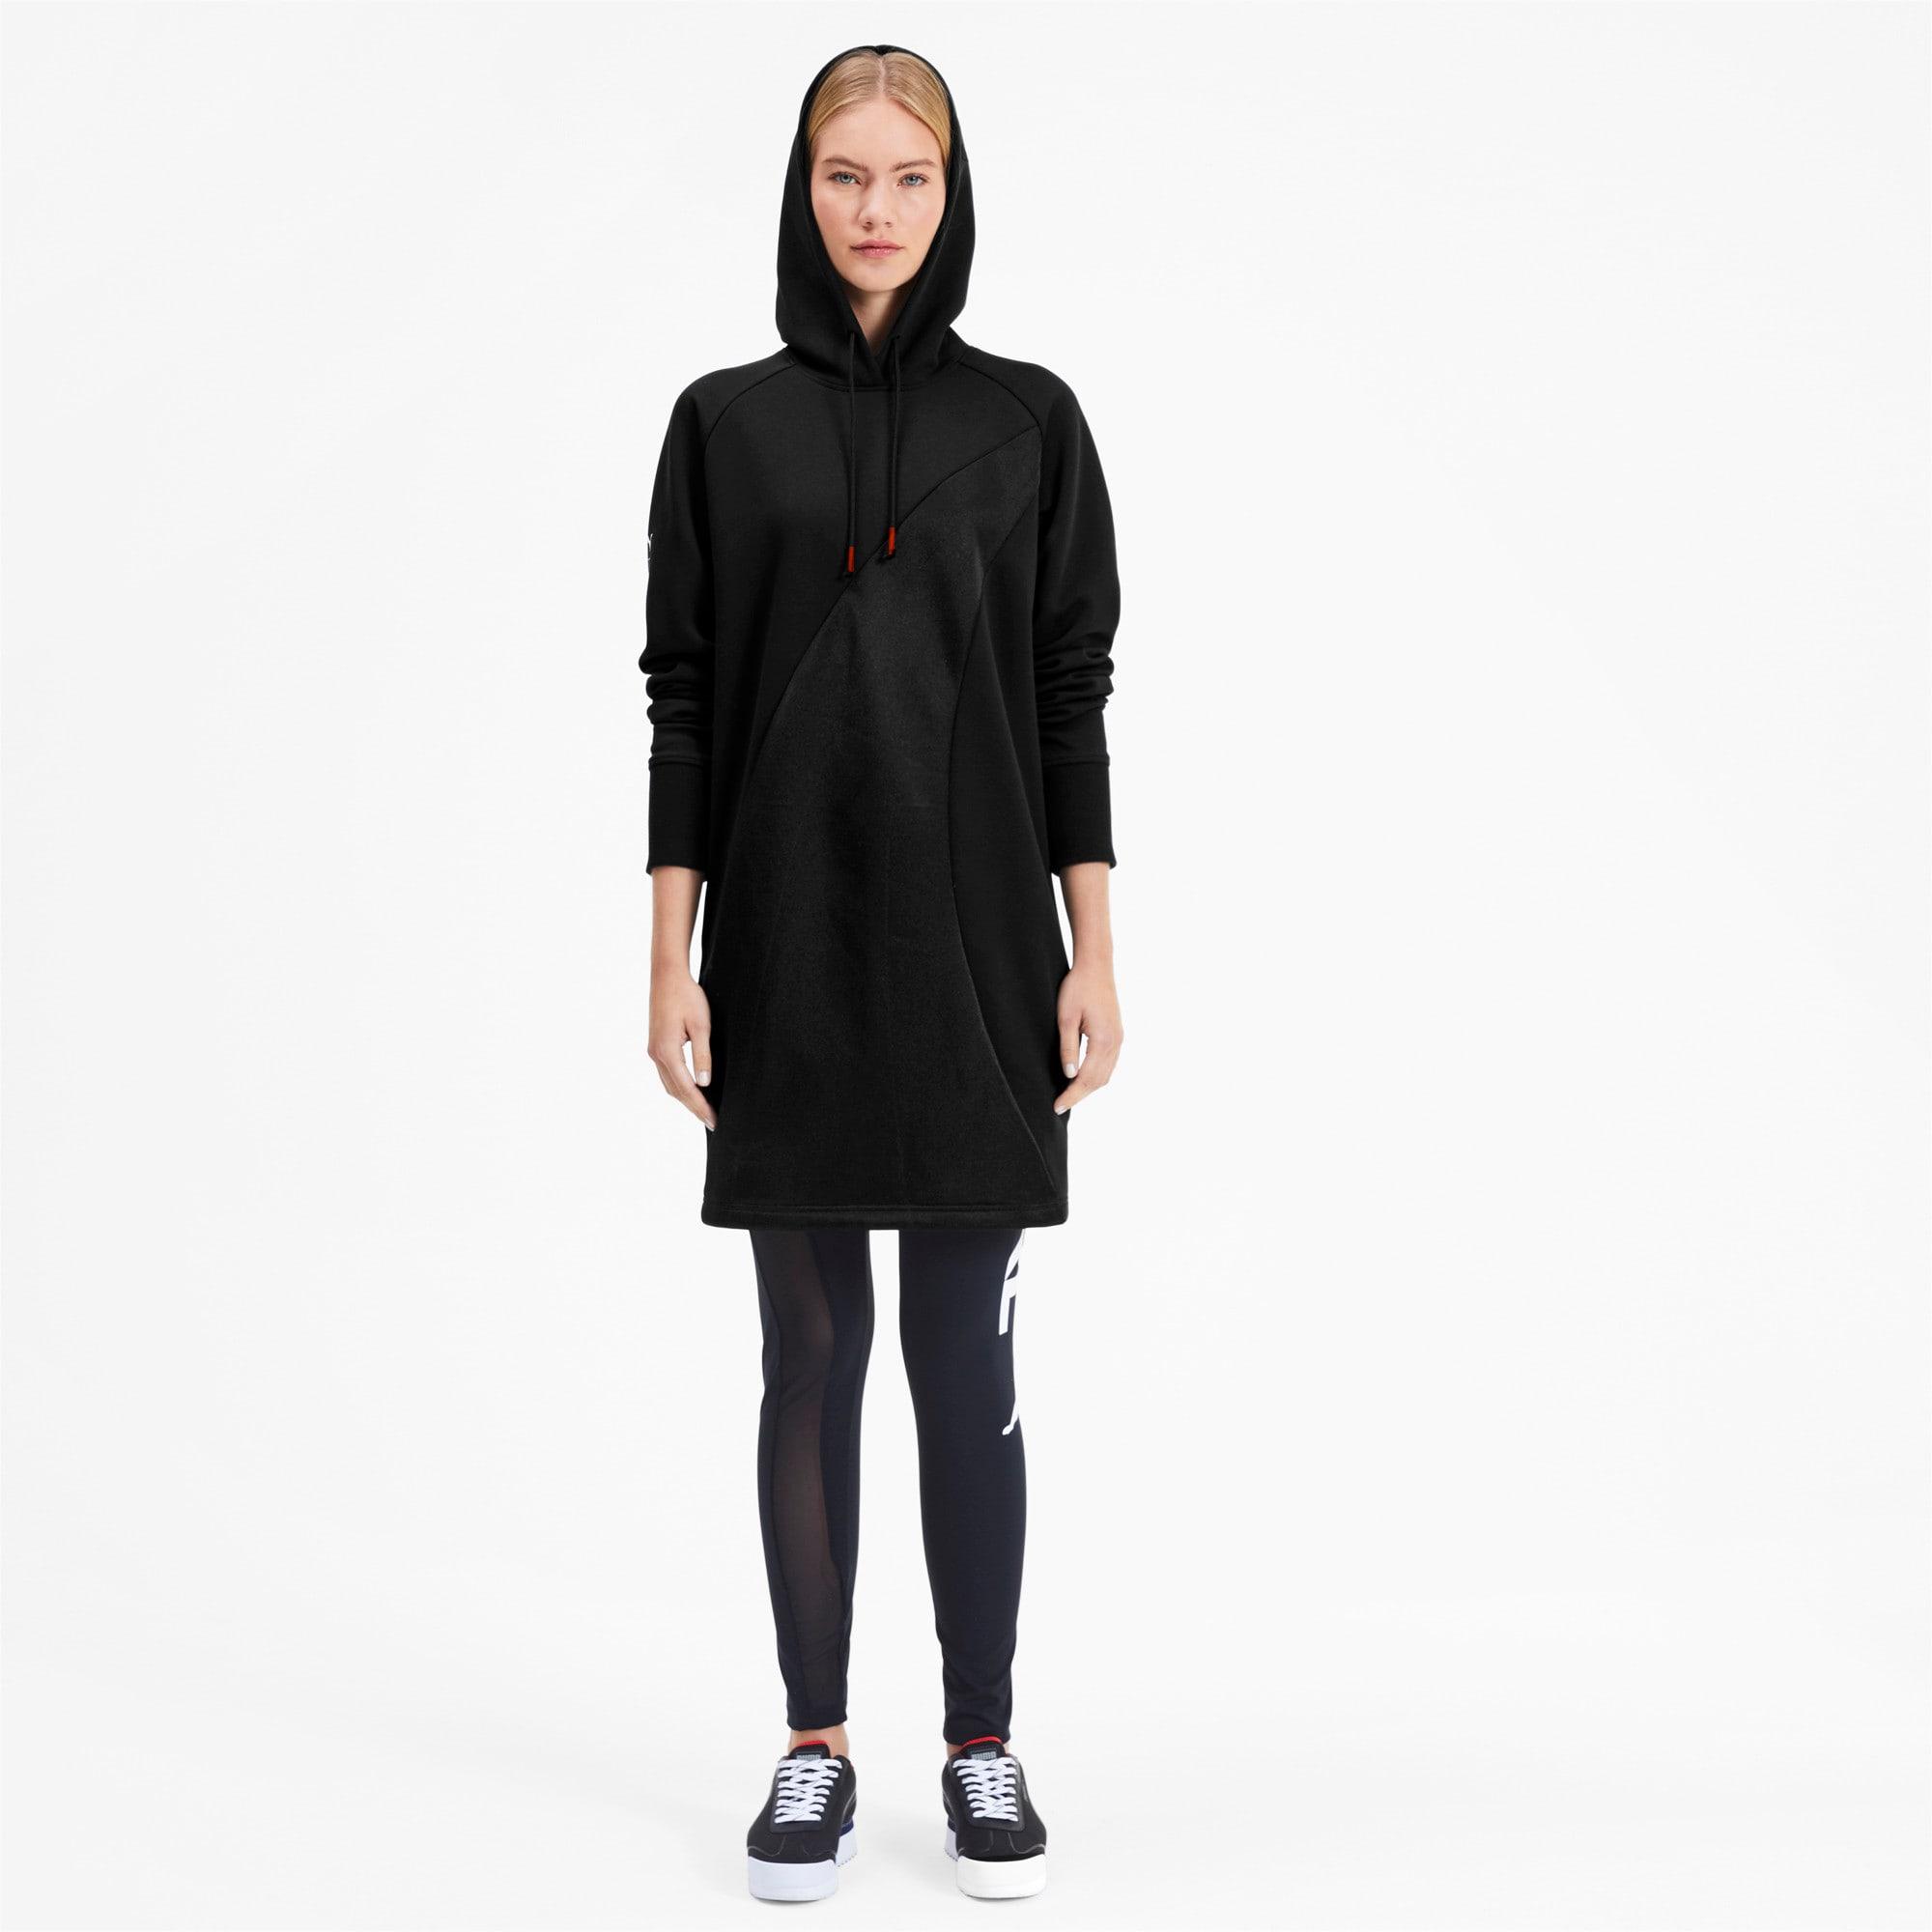 Thumbnail 4 of PUMA x KARL LAGERFELD Women's Hooded Dress, Puma Black, medium